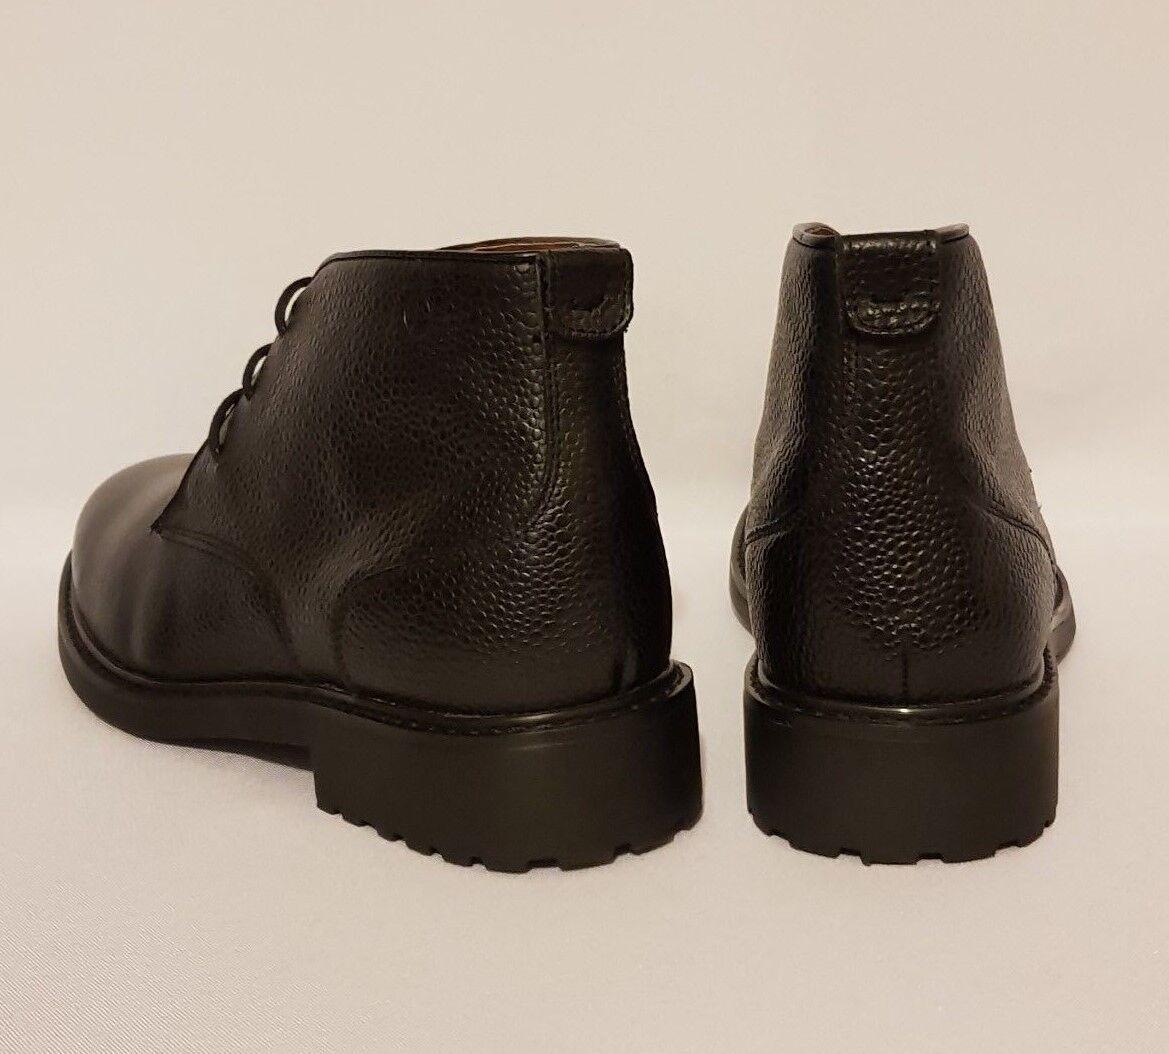 NEW PETER WERTH OLDMAN CHKKA CHKKA CHKKA CHELSEA Stiefel   BLACK BROWN GENUINE LEATHER 8552c8